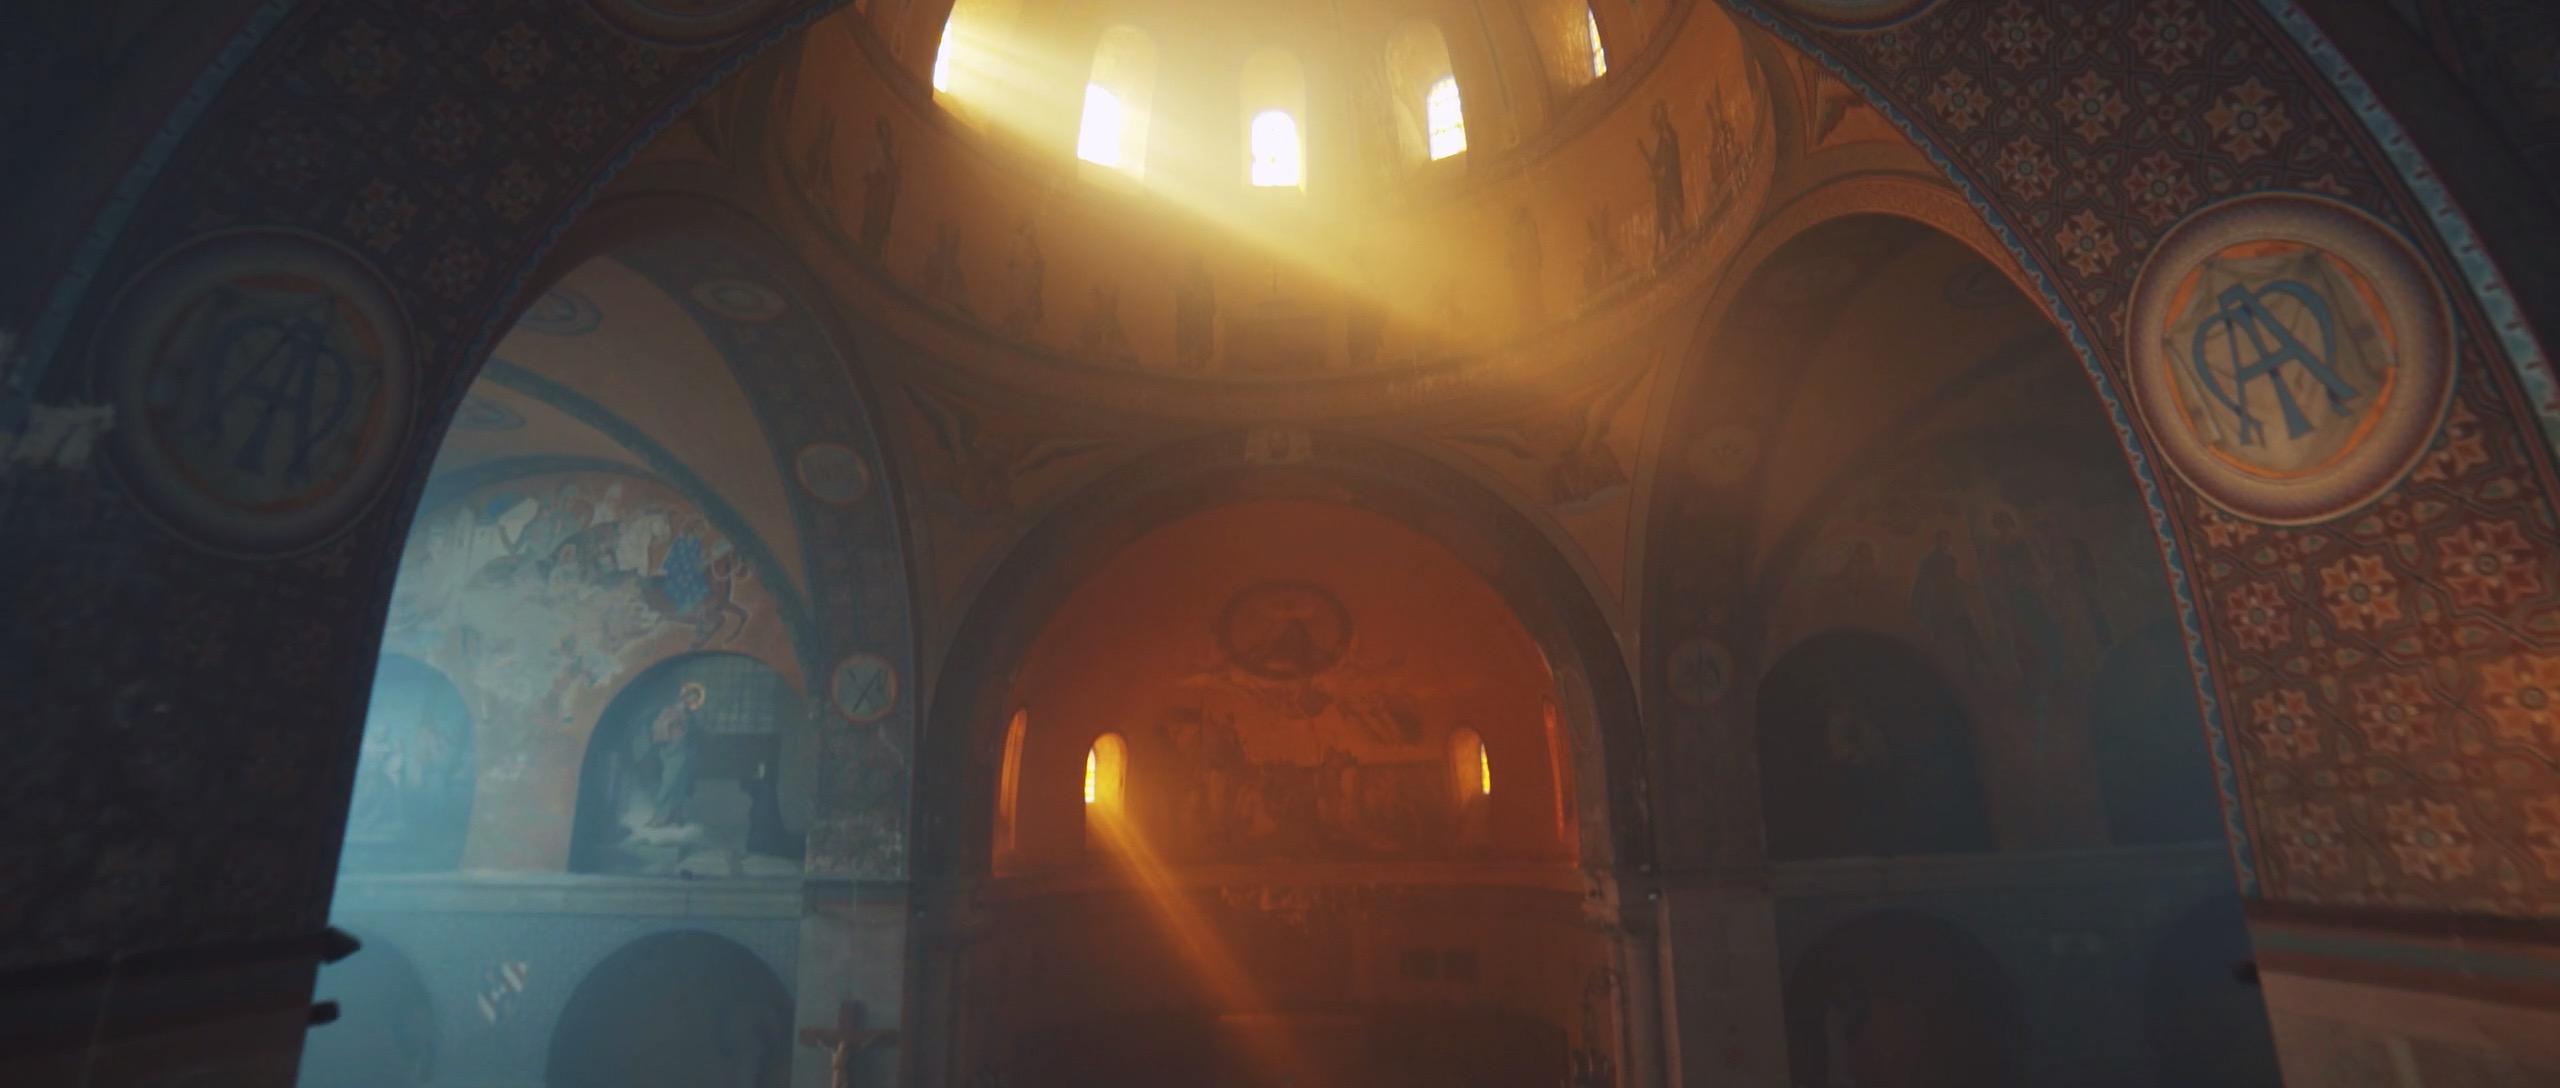 byzantine-01